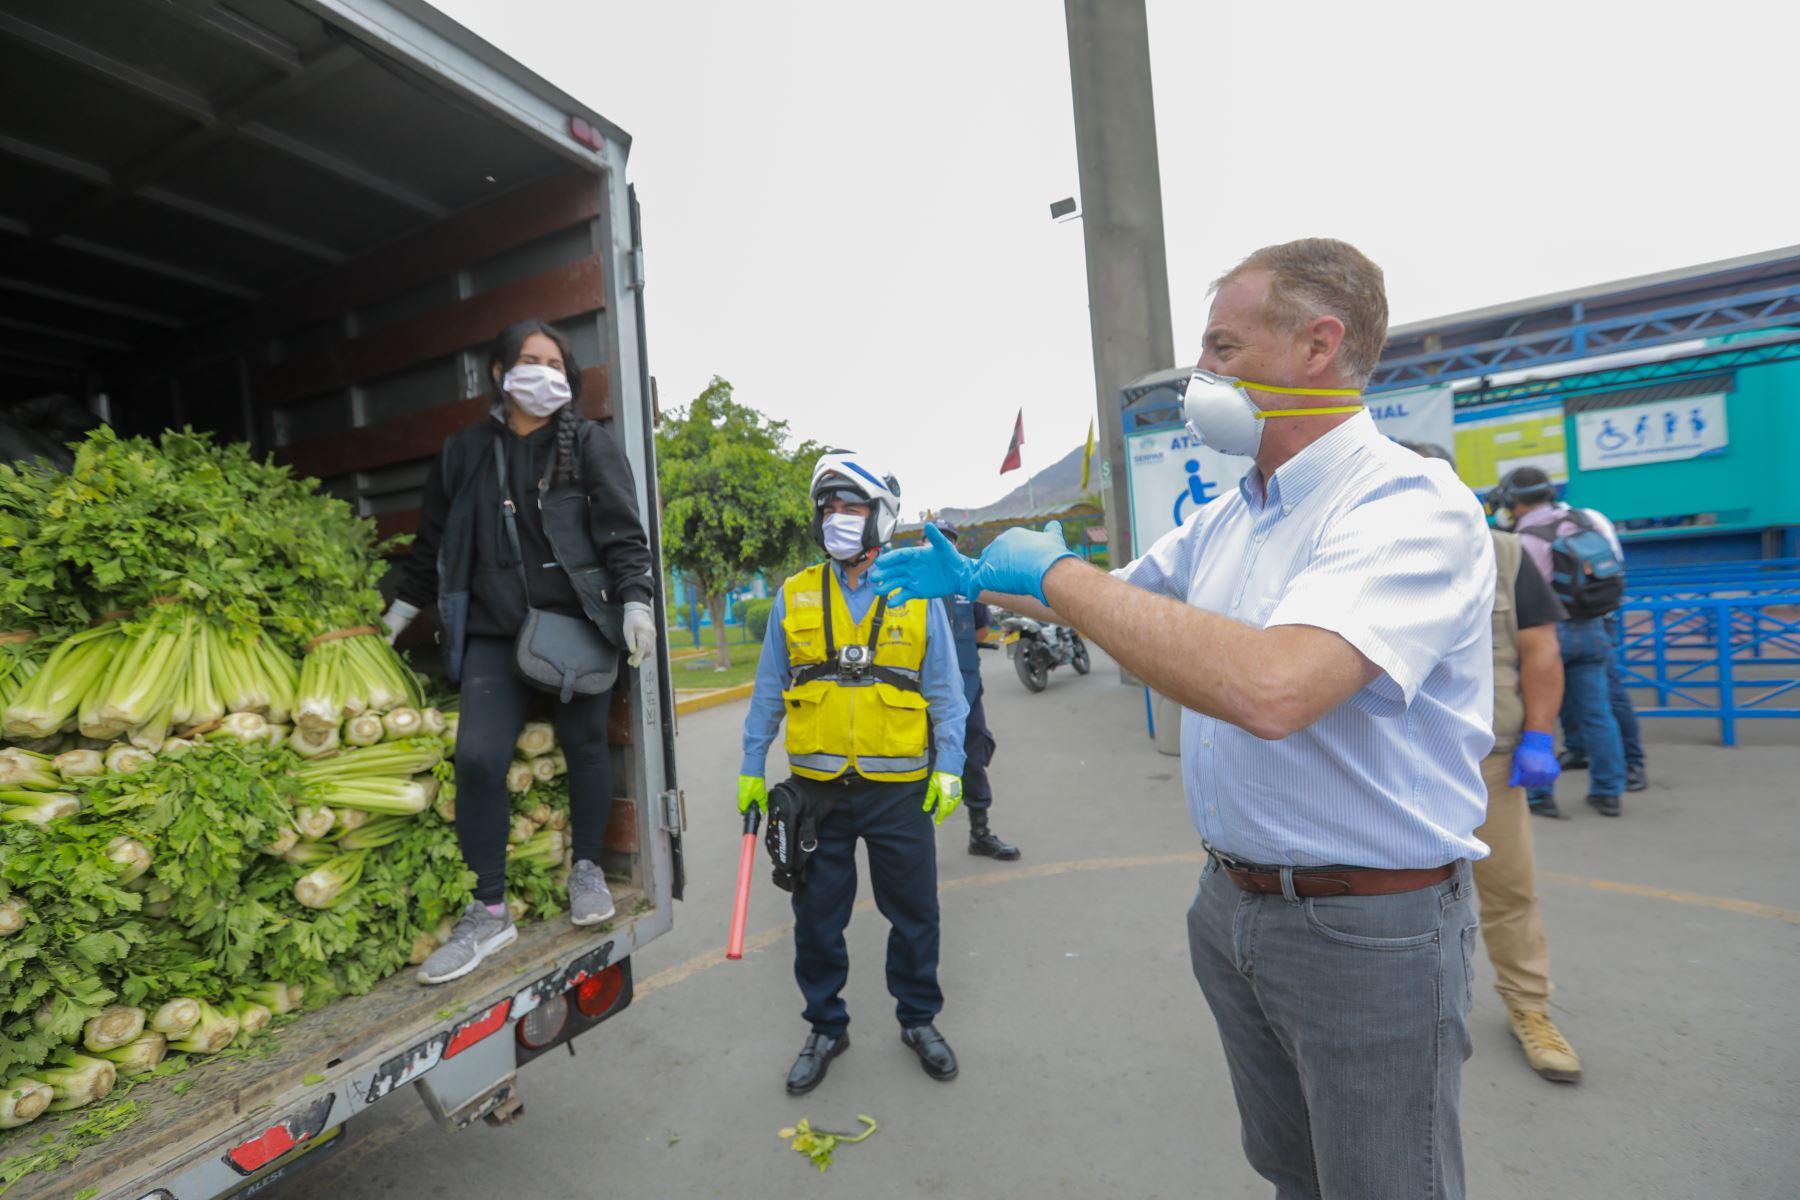 El alcalde de Lima, Jorge Muñoz, supervisó la implementación del primer punto de abastecimiento descentralizado en el club zonal Huiracocha, el cual suministrará de alimentos de primera necesidad a los más de 100 mercados minoristas del distrito de San Juan de Lurigancho. Foto: ANDINA/ Municipalidad de de Lima